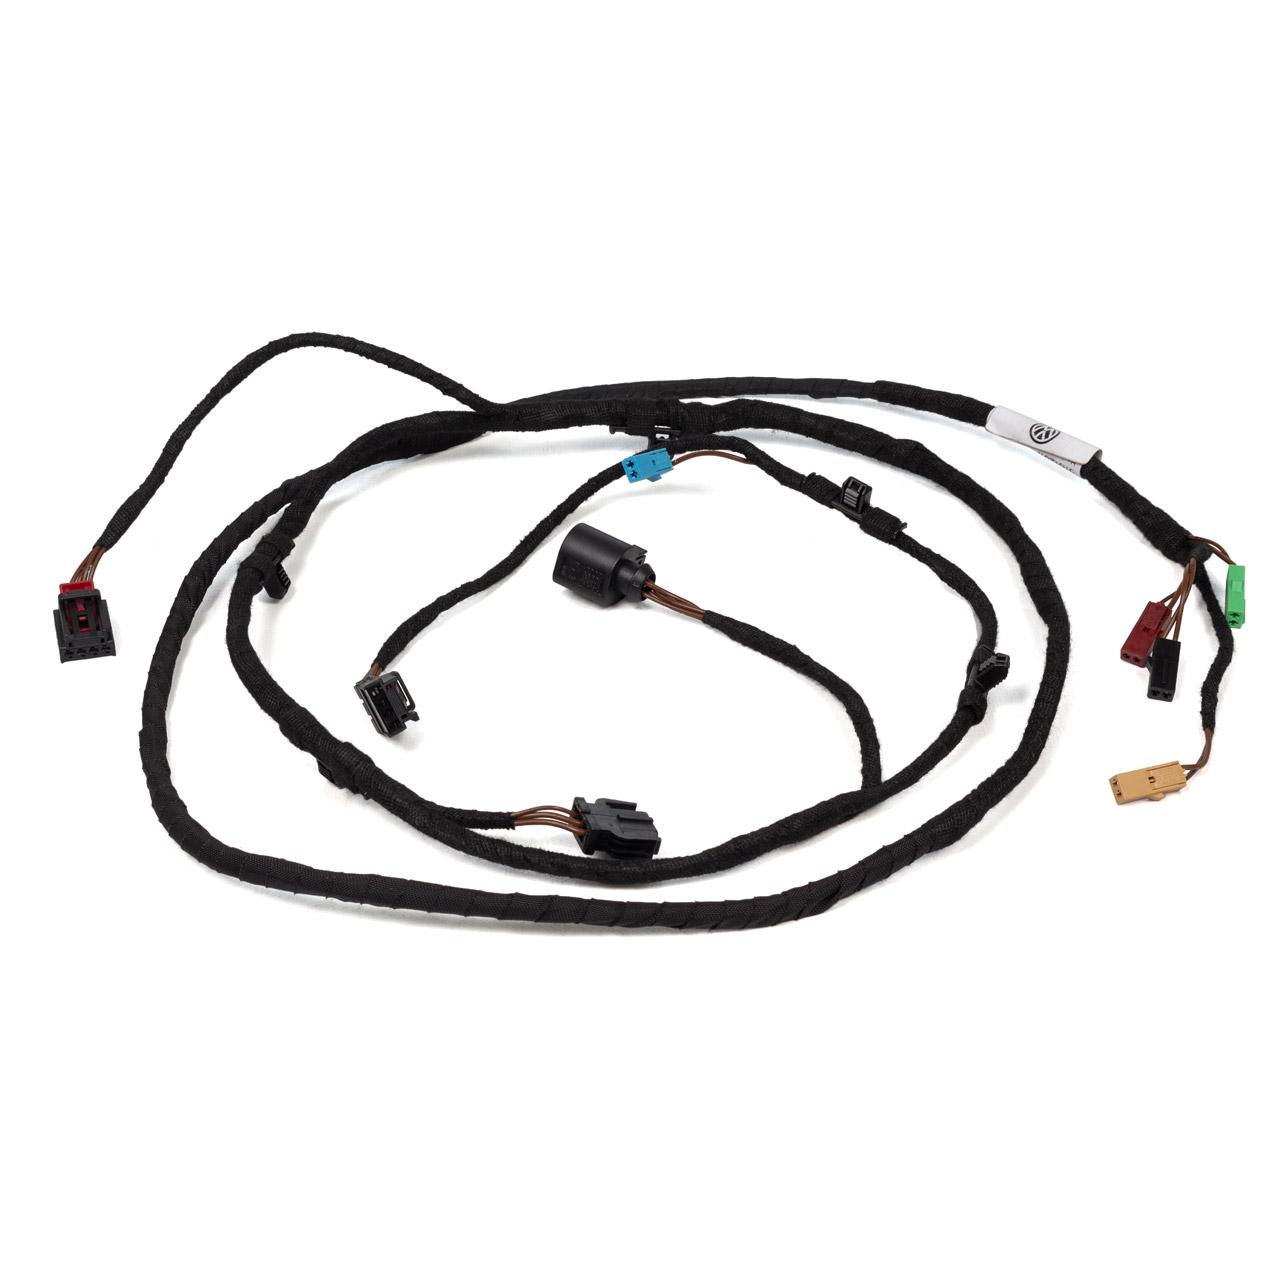 ORIGINAL VW Leitungssatz-Heckdeckel mit Rückfahrkamera CC (358) links 3C8971182J